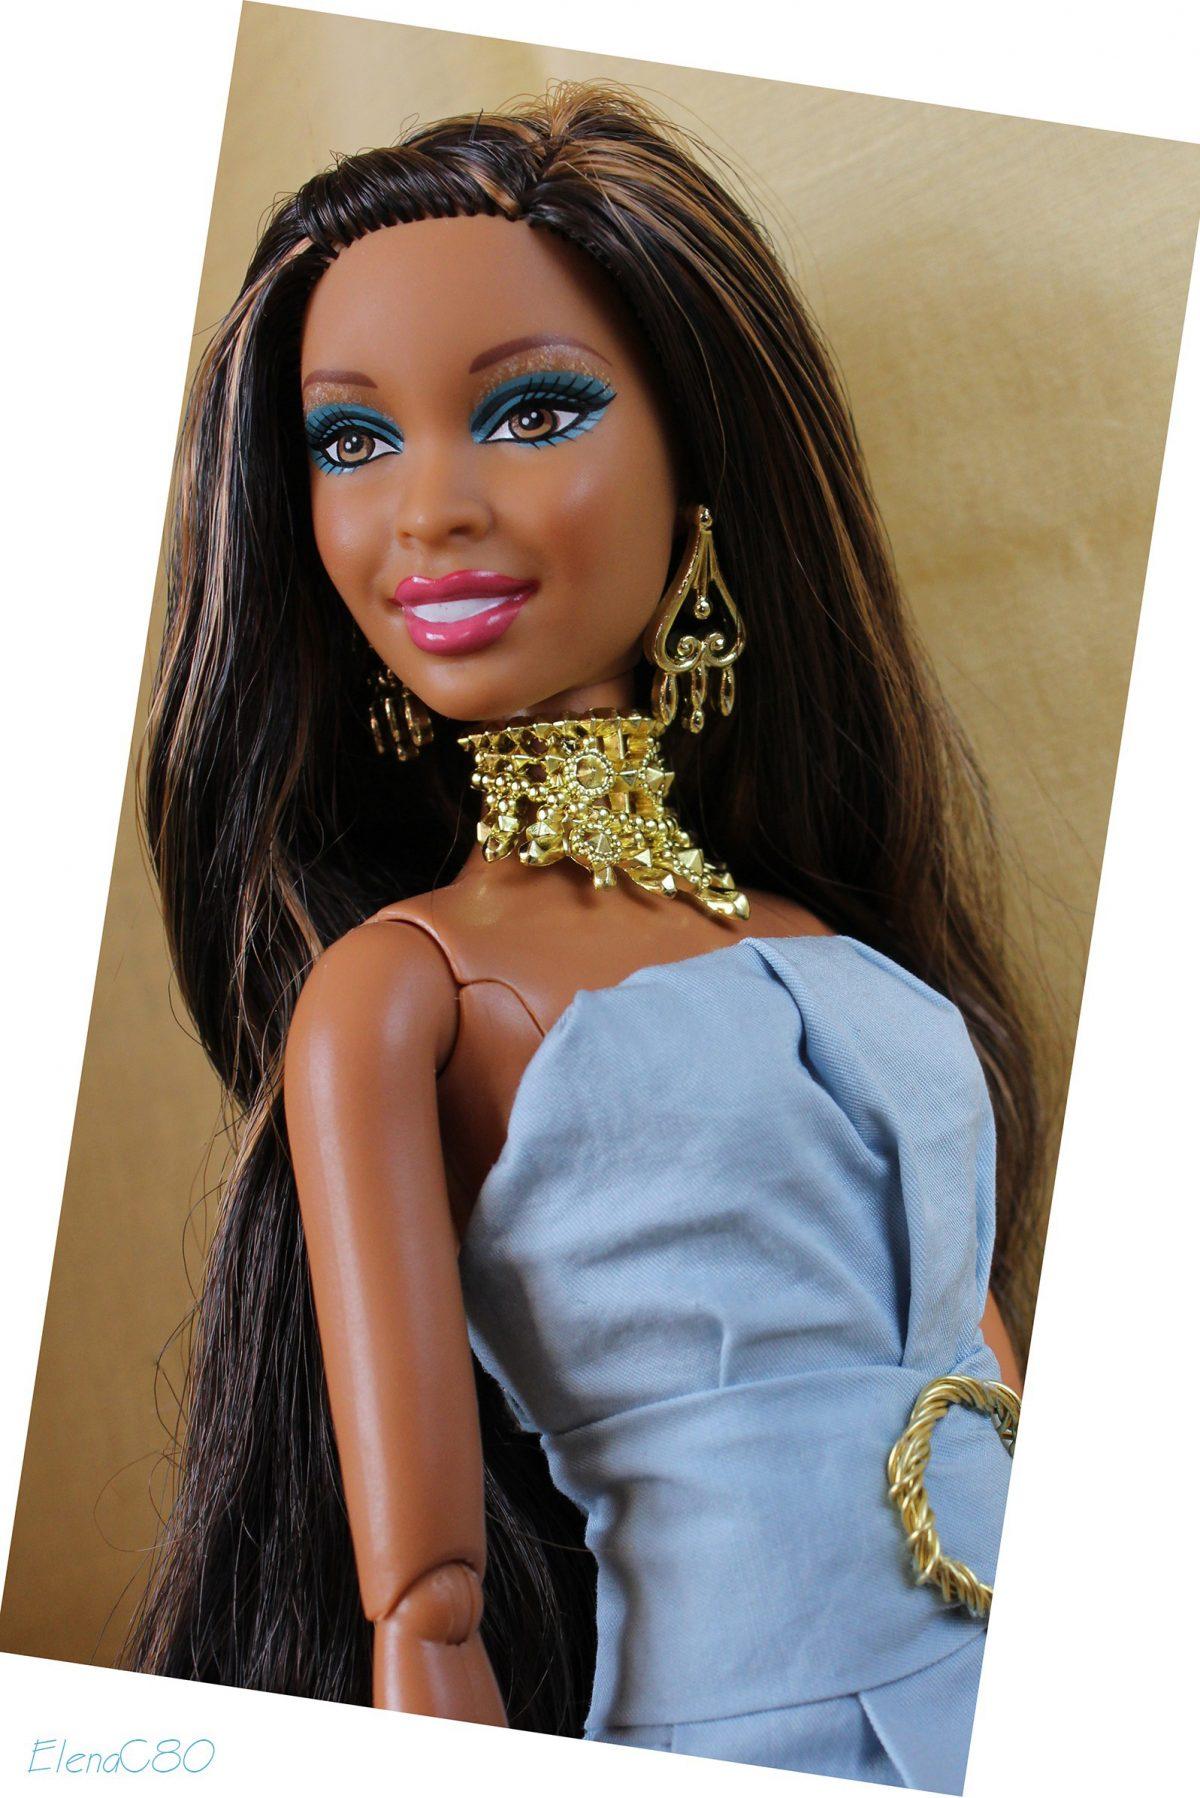 Creazioni per Barbie 11: Recuperare e Reinterpretare un errore